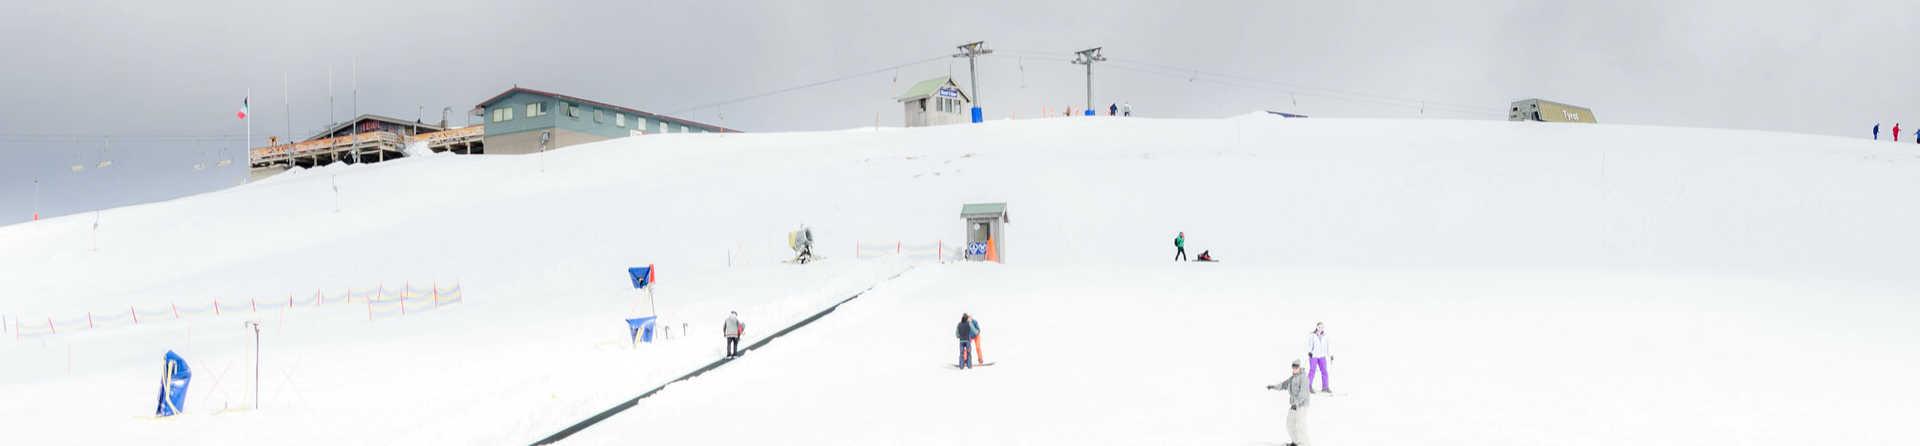 Is Mount Buller good for beginners?